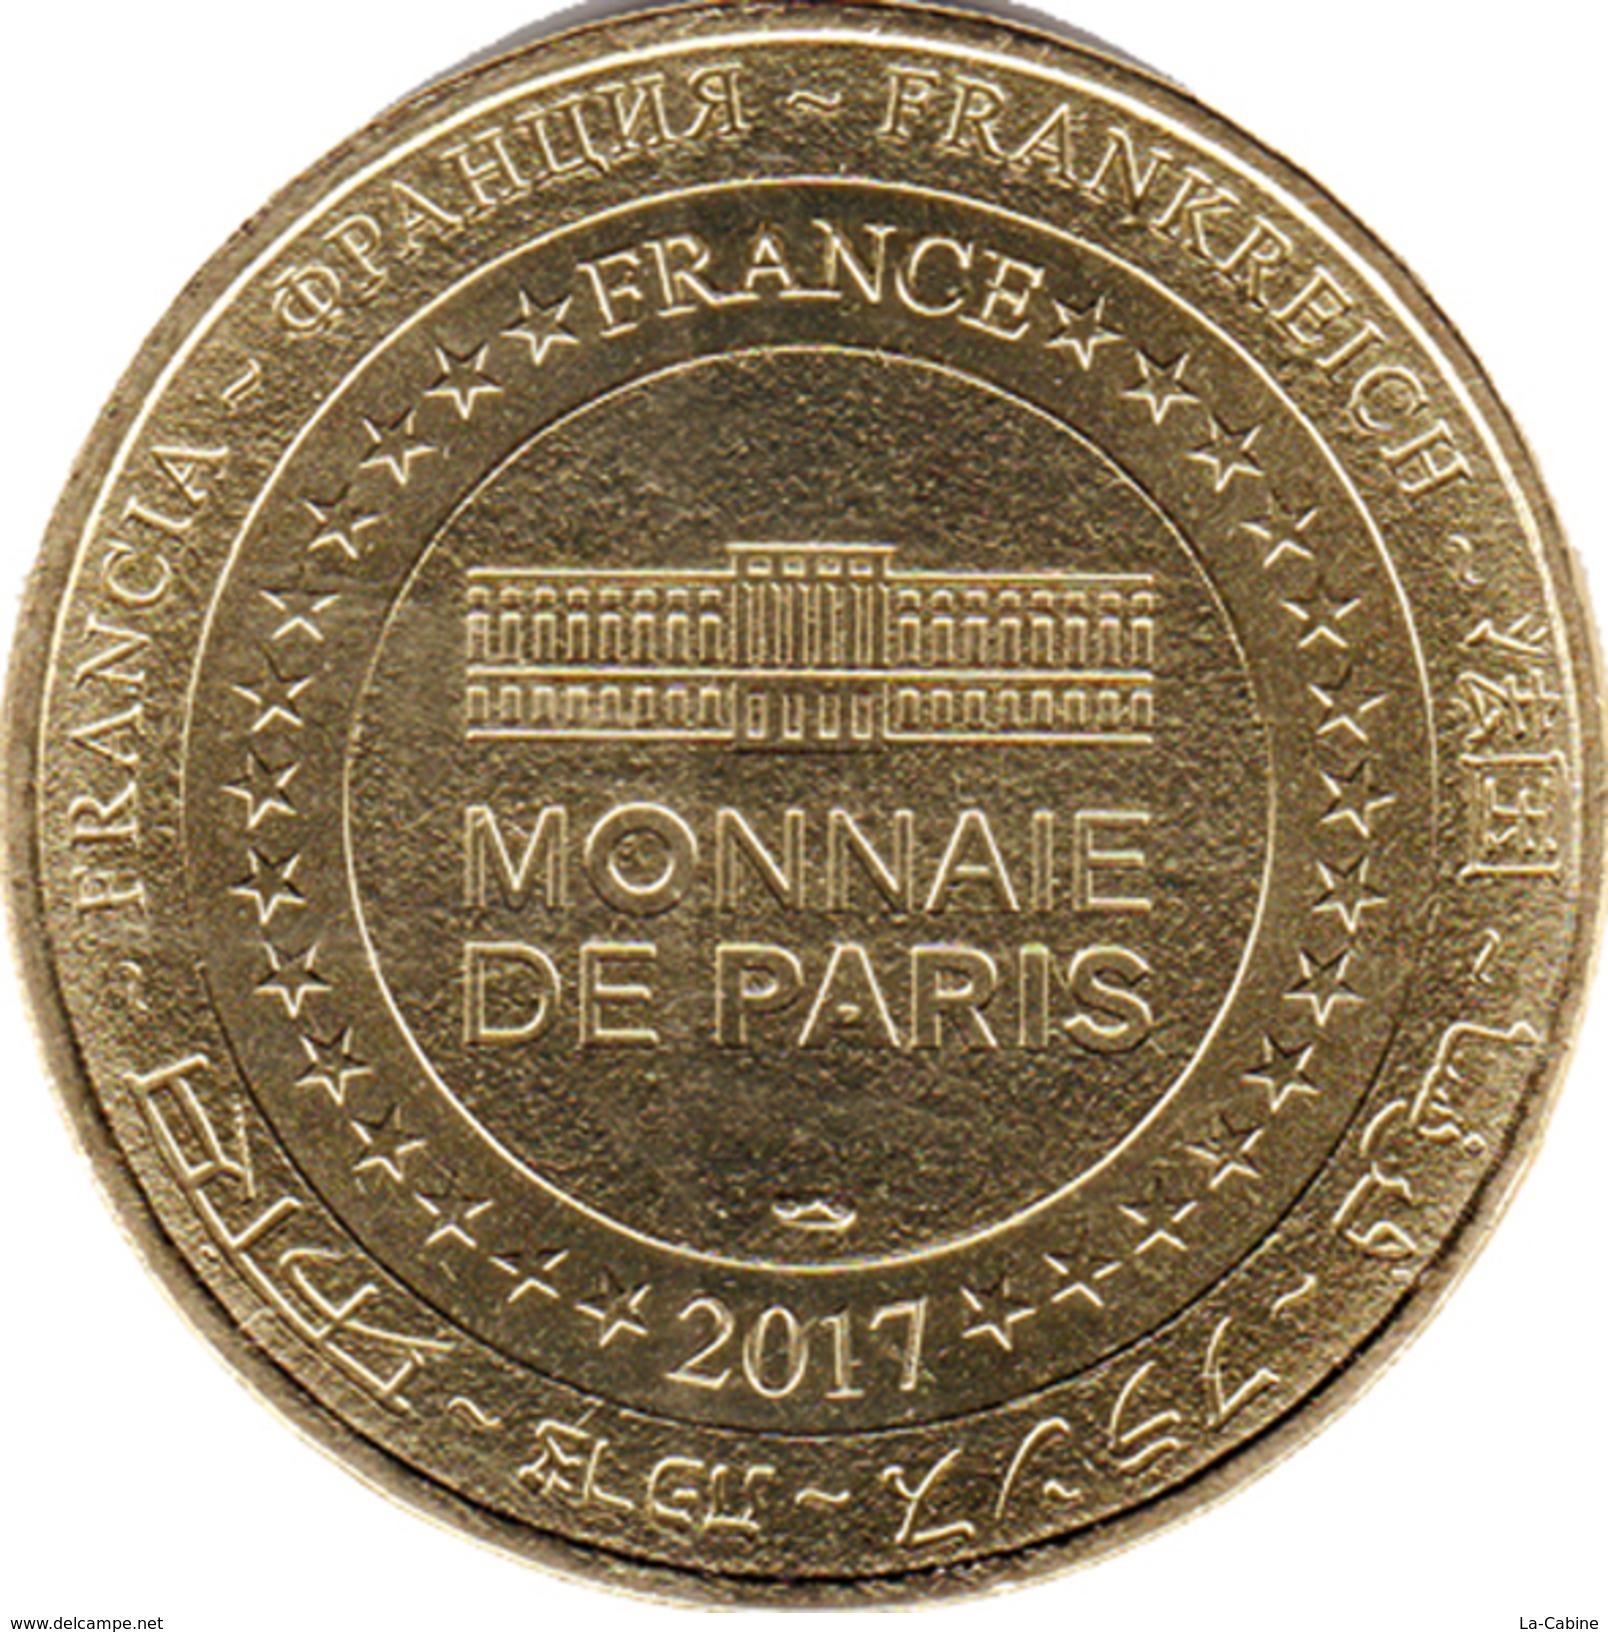 22 CÔTES D'ARMOR DINAN N°2 MÉDAILLE MONNAIE DE PARIS 2017 JETON TOKEN MEDALS COINS - Monnaie De Paris